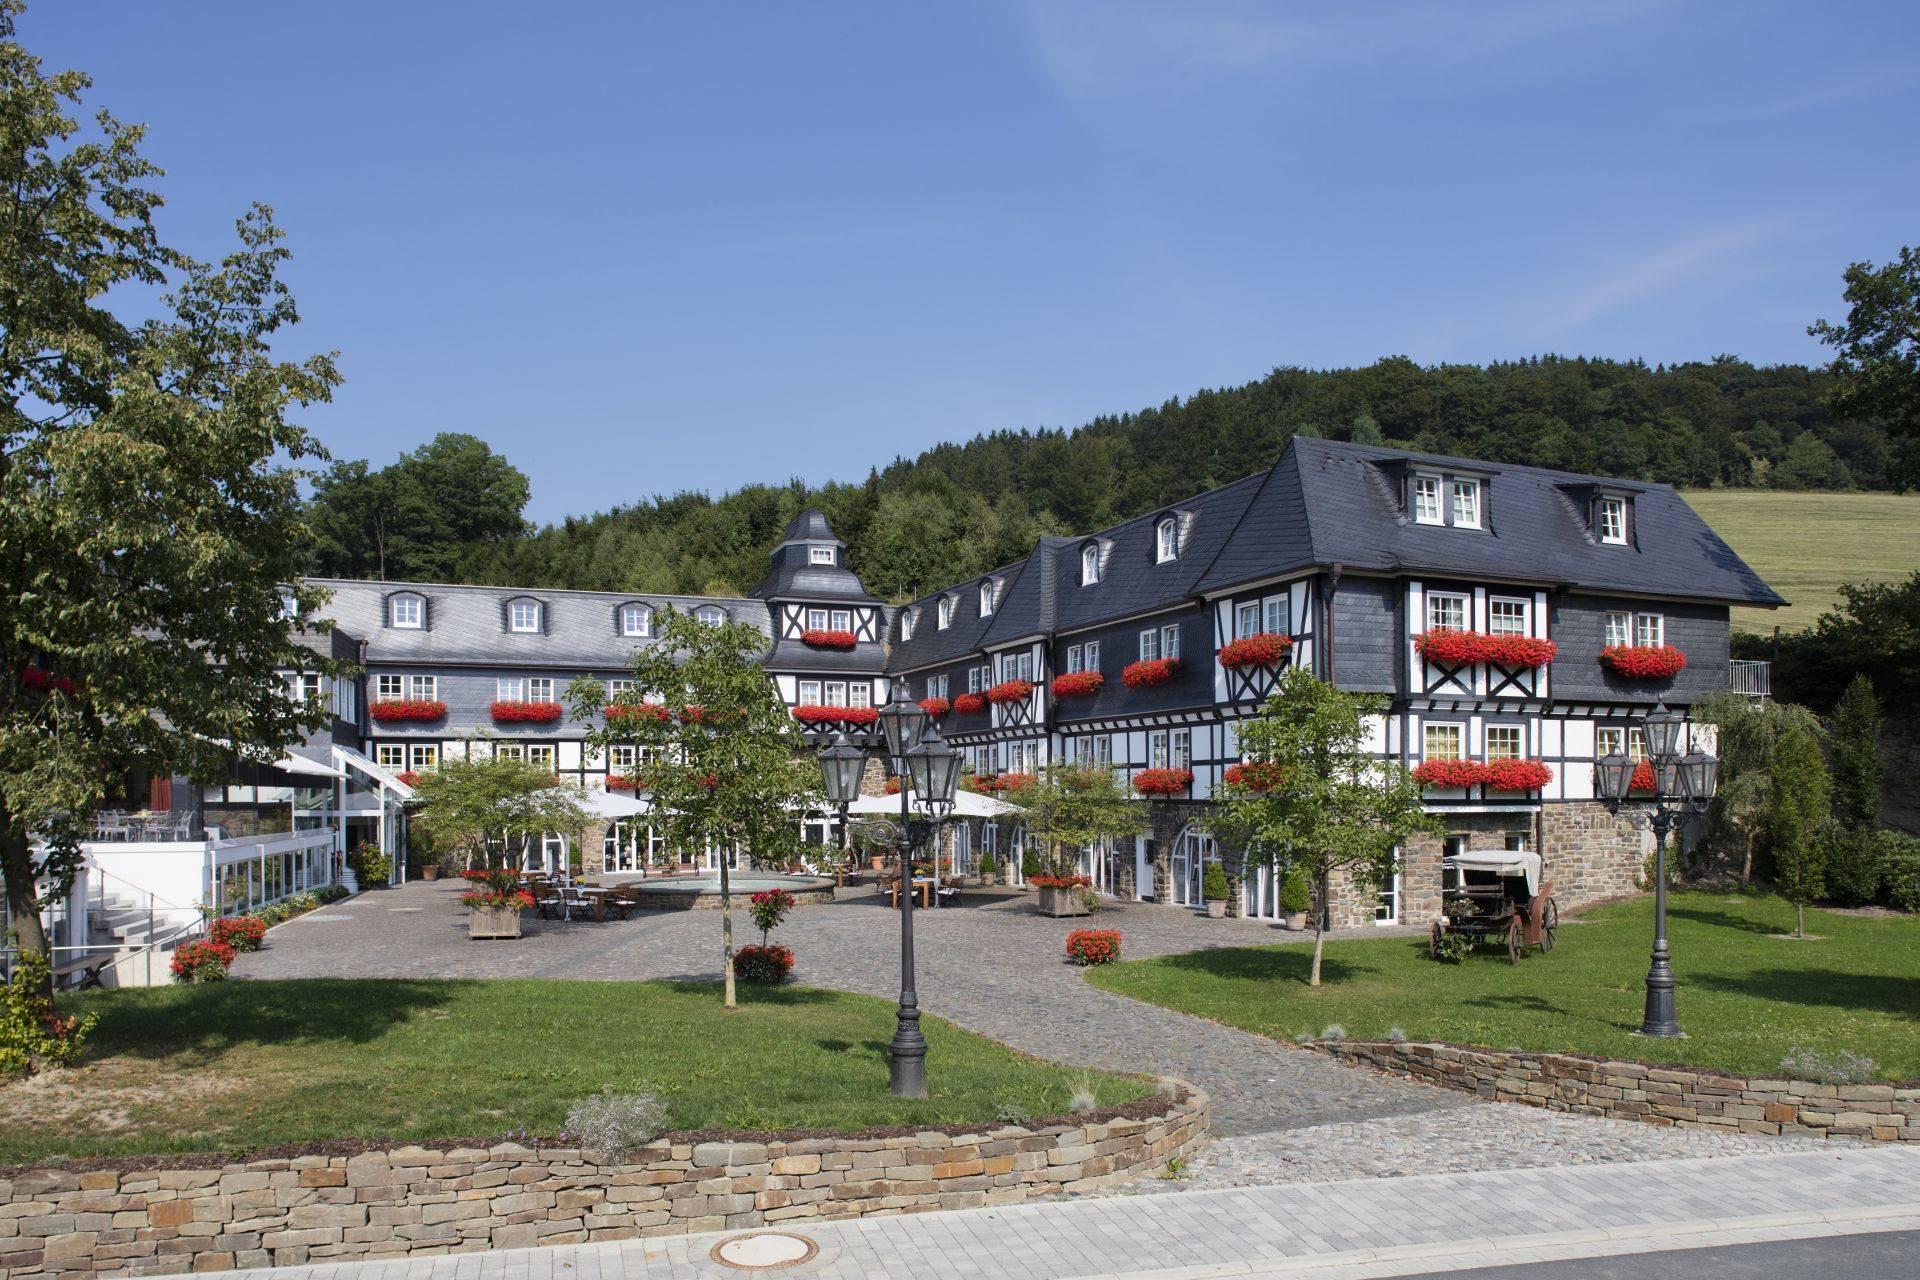 romantik wellnesshotel deimann in schmallenberg holidaycheck nordrhein westfalen deutschland. Black Bedroom Furniture Sets. Home Design Ideas